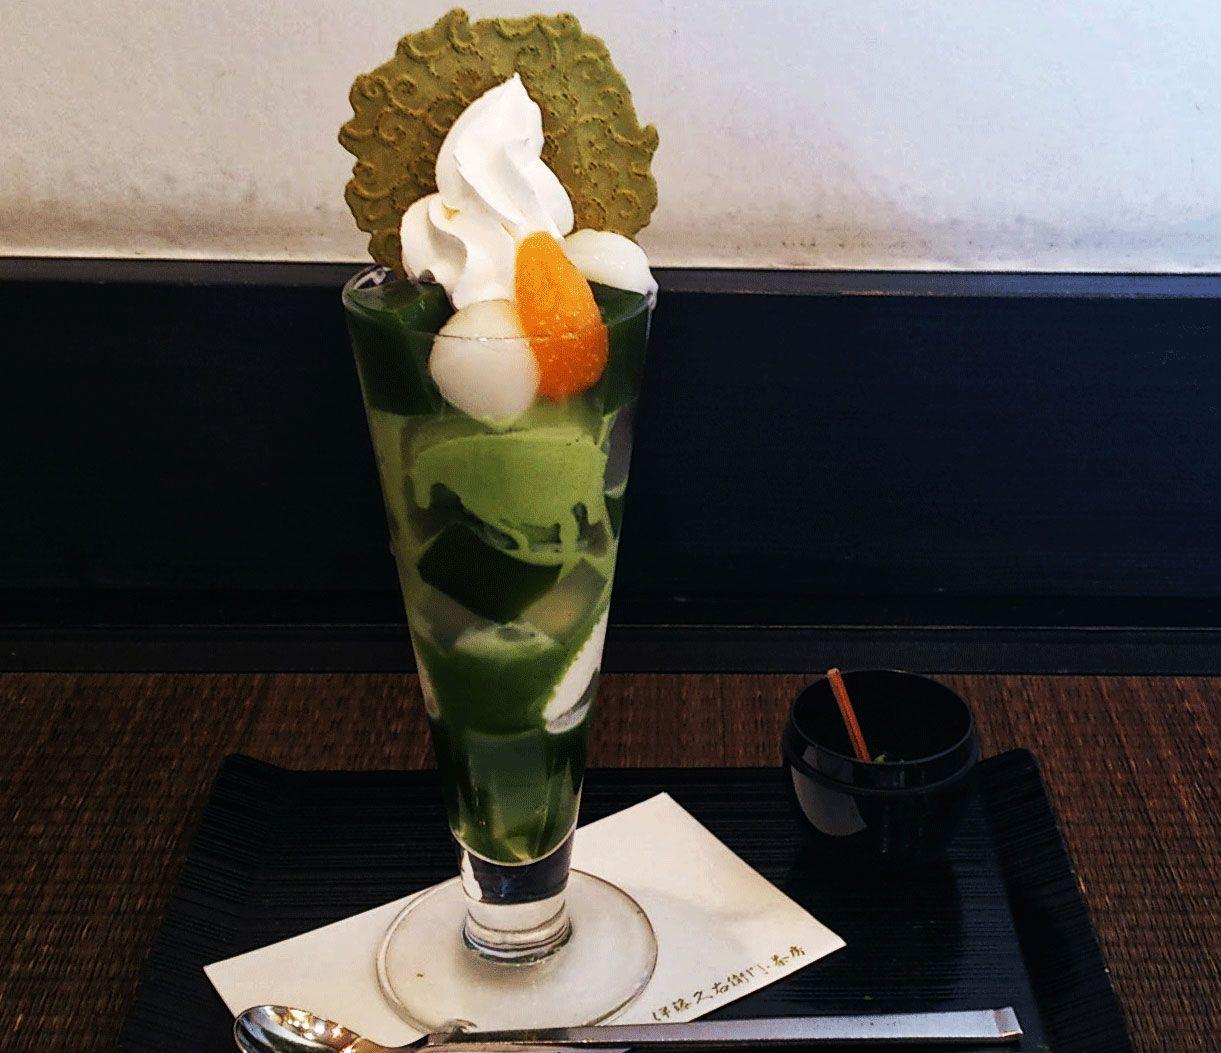 京都・宇治にしかない伊藤久右衛門の茶房で抹茶パフェ